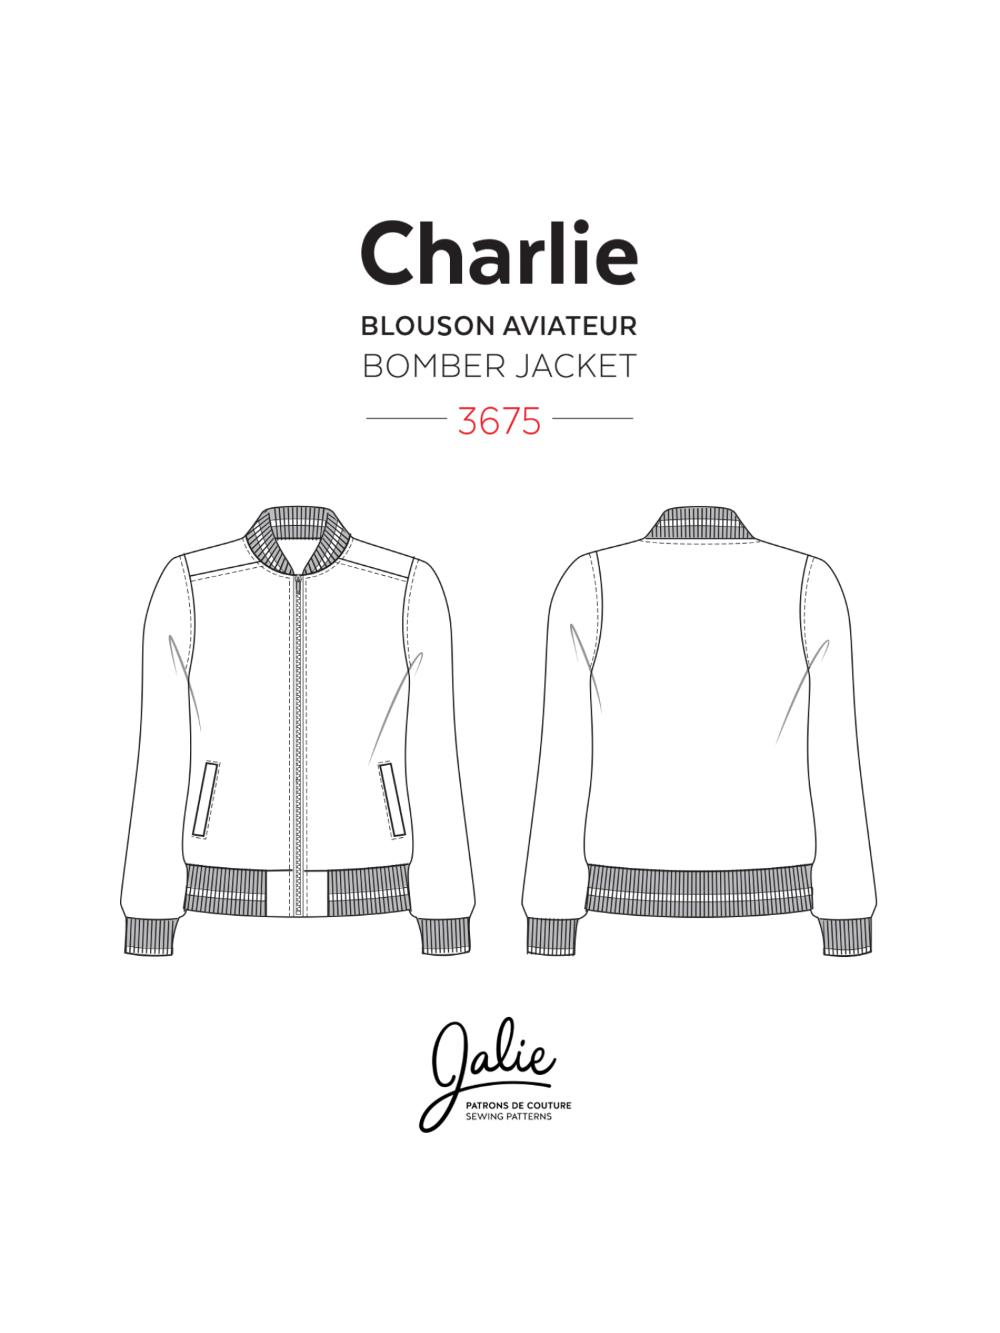 Charlie Bomber Jacket Bomber Jacket Women Patterned Bomber Jacket Bomber Jacket